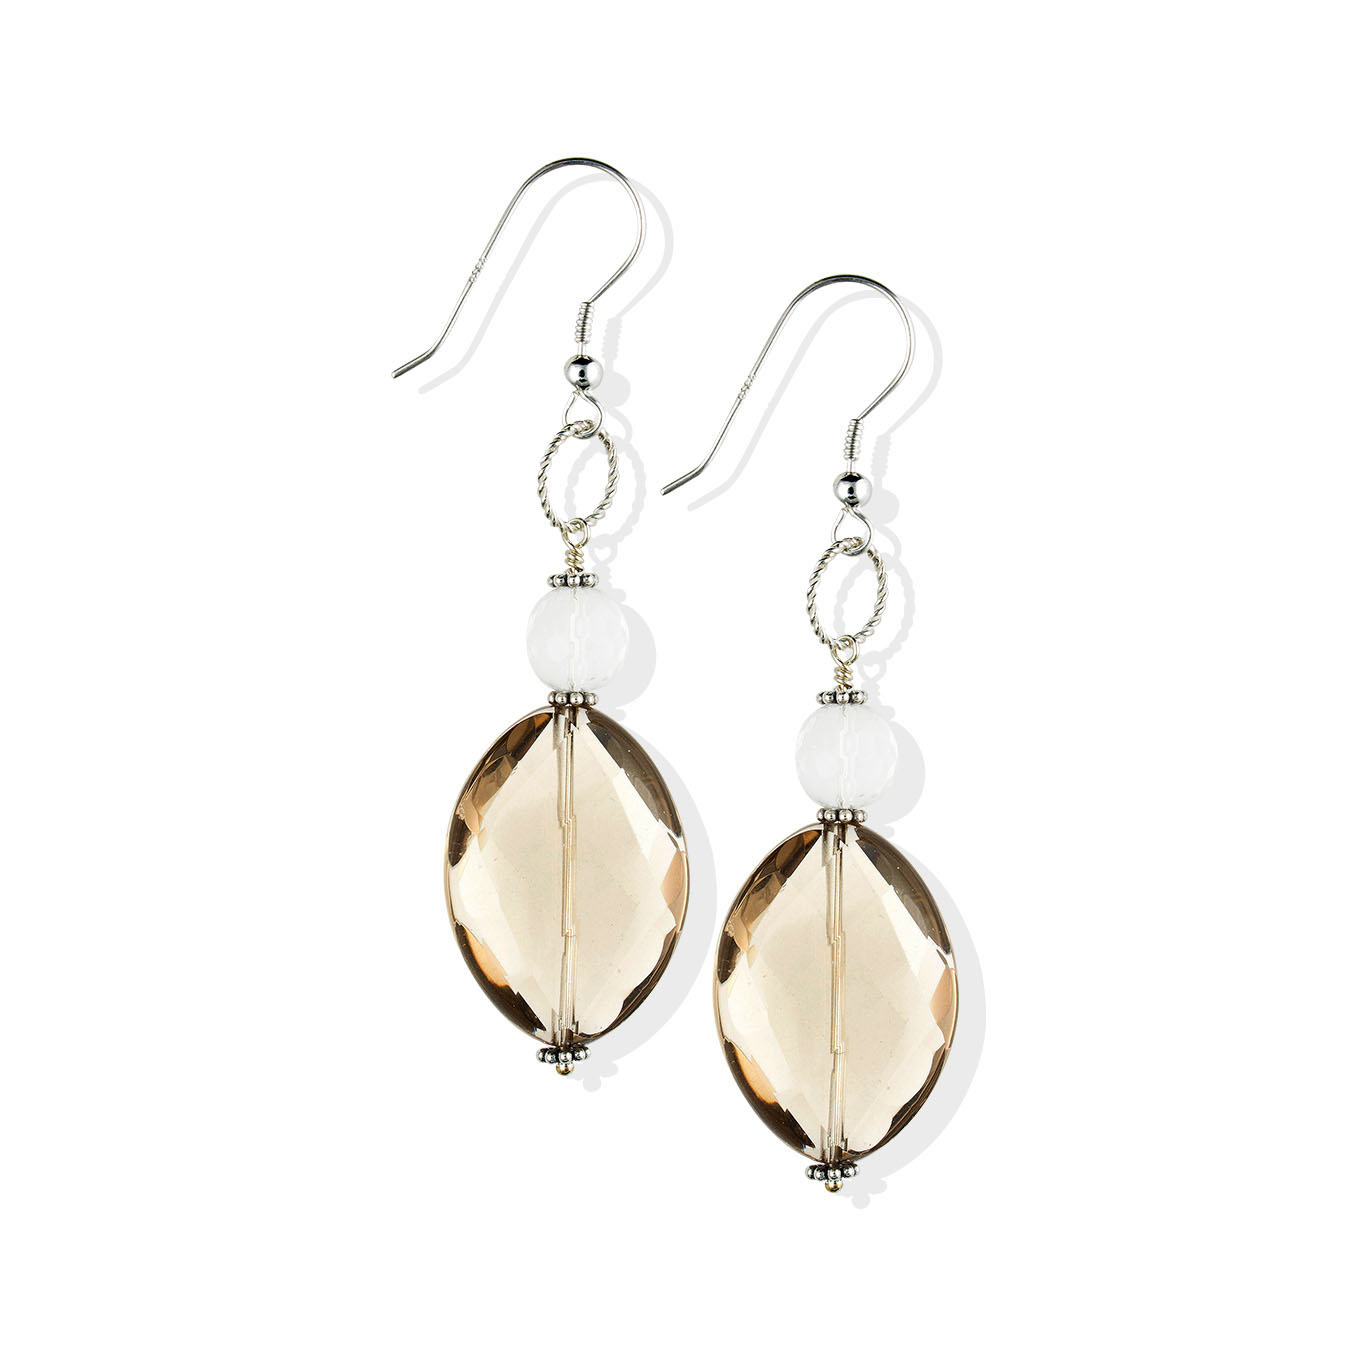 Custom necklace made using citrine, smoky and clear quartz gemstones